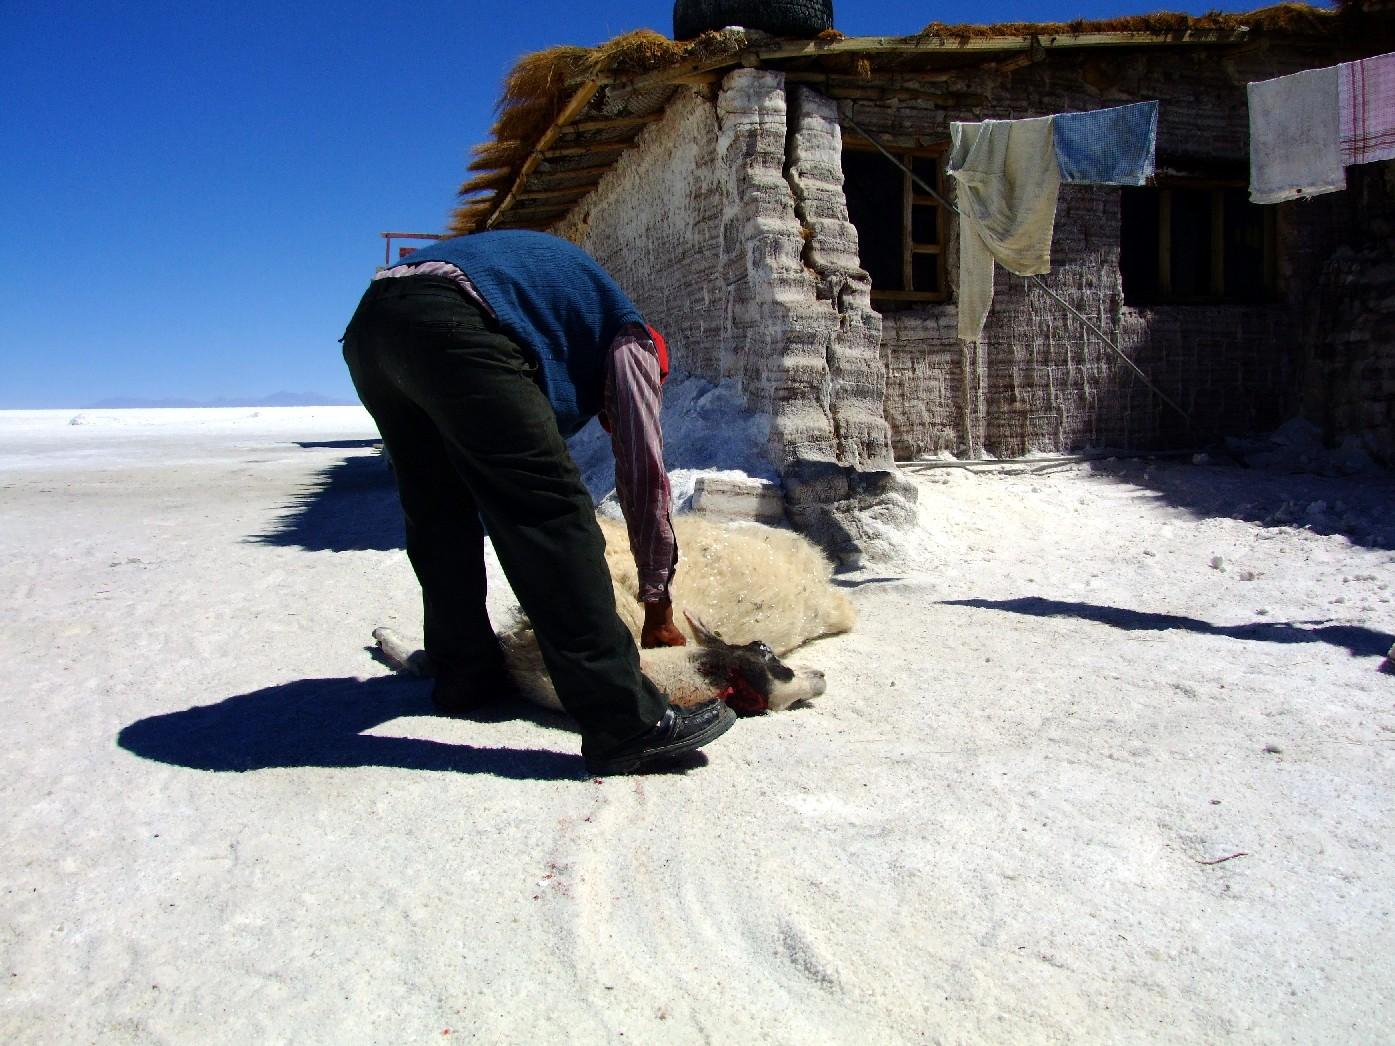 No dia 1º de agosto, festas e rituais de oferendas acontecem em países indígenas da América do Sul, como na Bolívia (foto: Eduardo Vessoni)